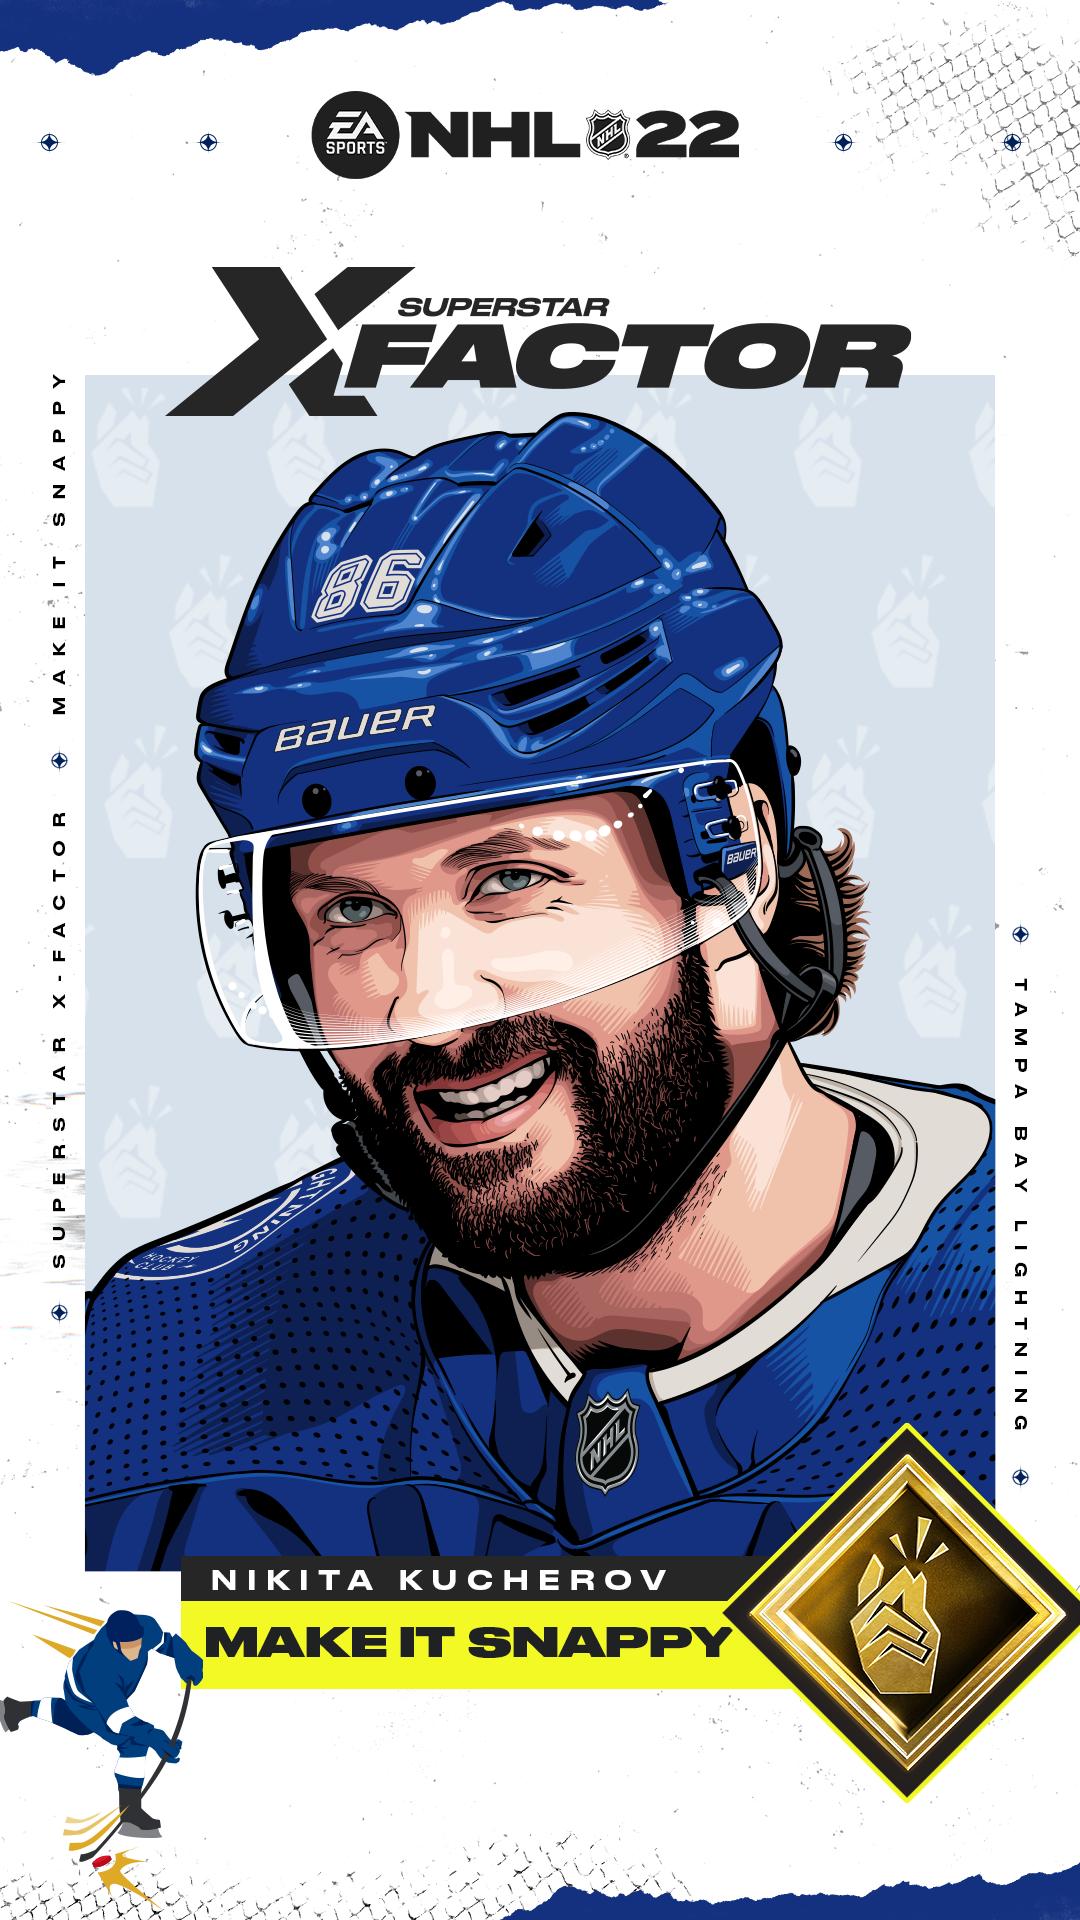 NHL22_XFactor_NikitaKucherov_9x16